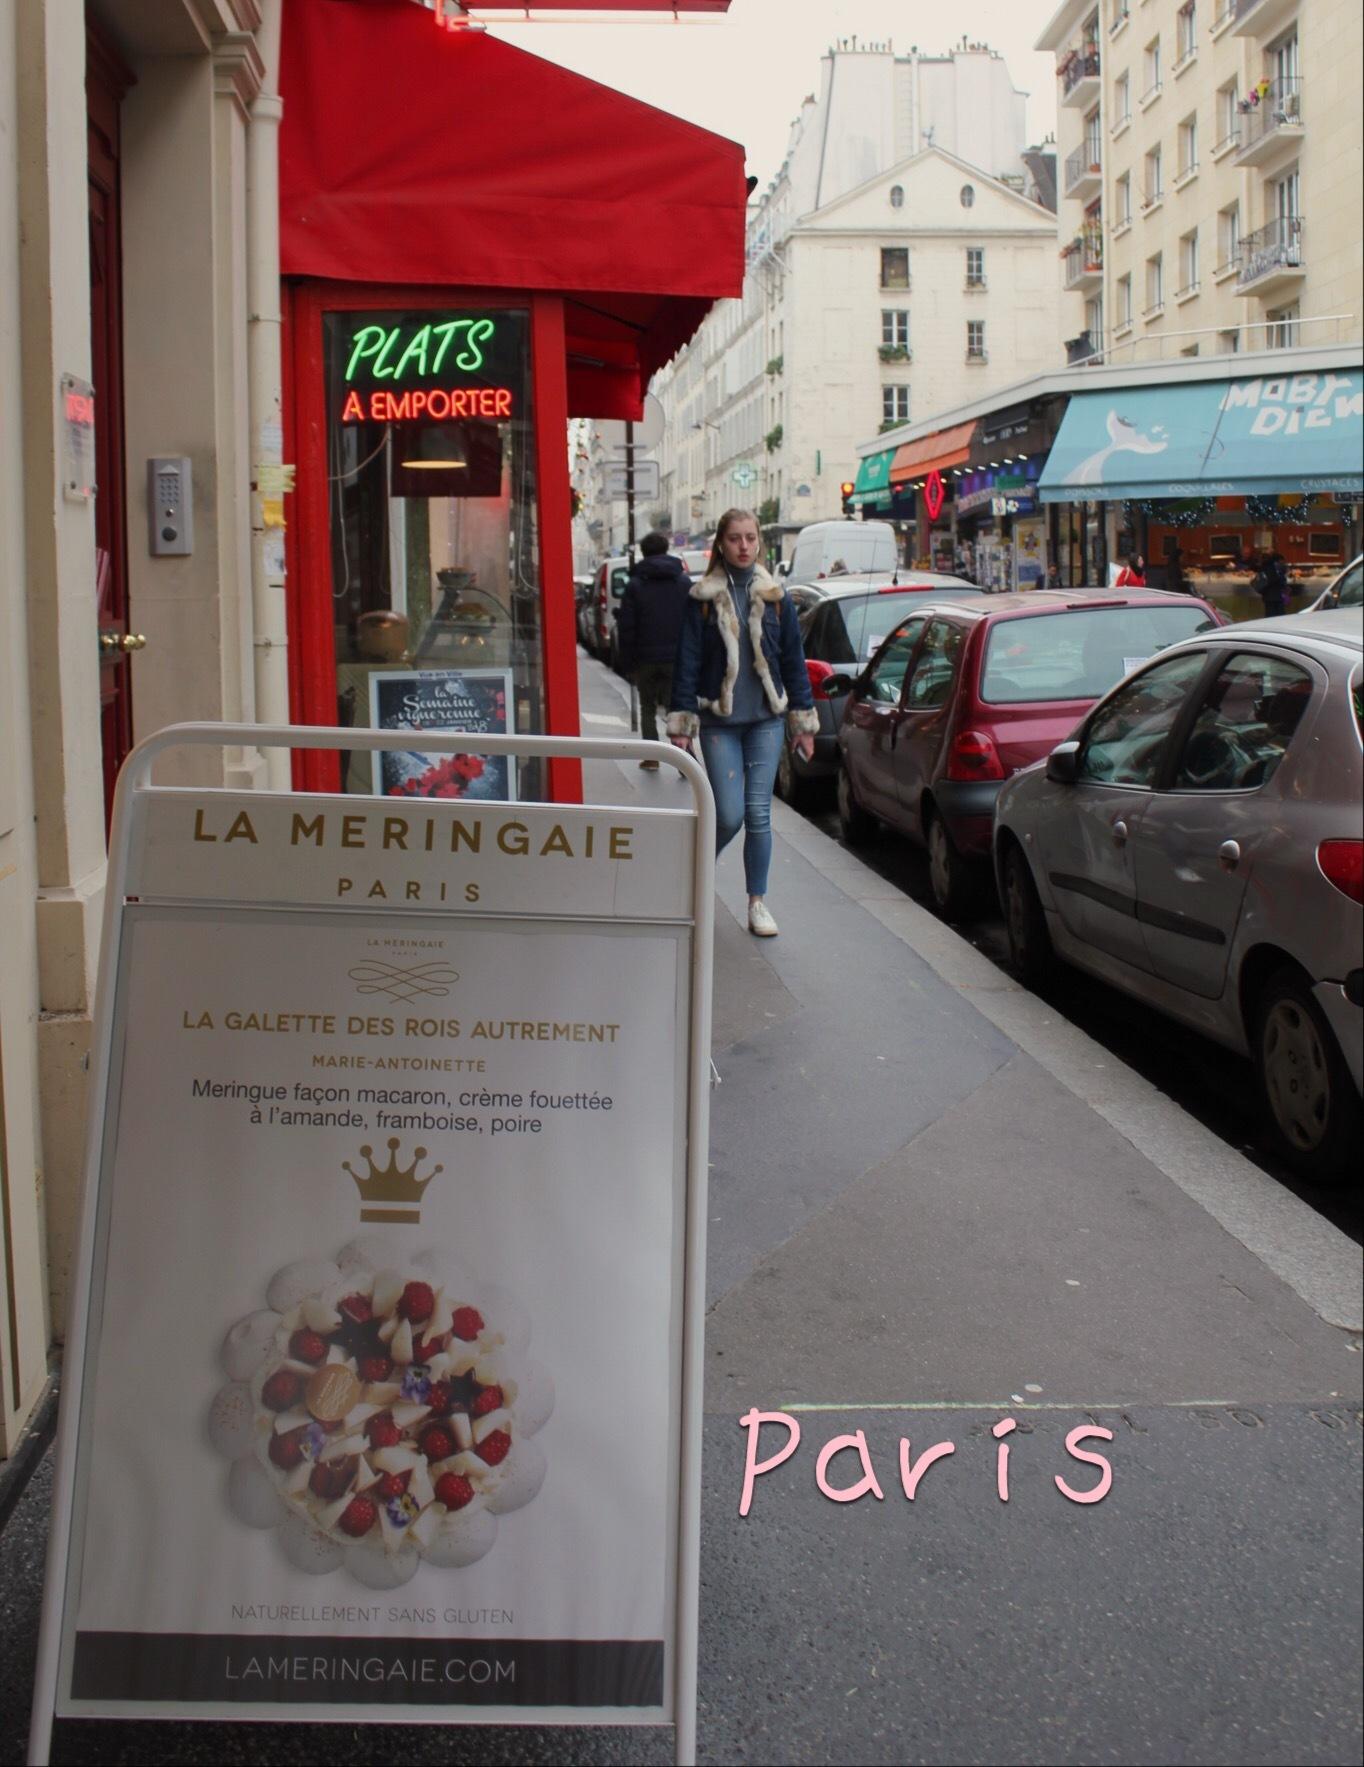 パリの旅日記!サンジェルマン・デプレ*⃝̣◌︎⑅⃝︎◍︎♡︎◌︎*⃝̥◍︎♡︎_a0213806_17033968.jpeg